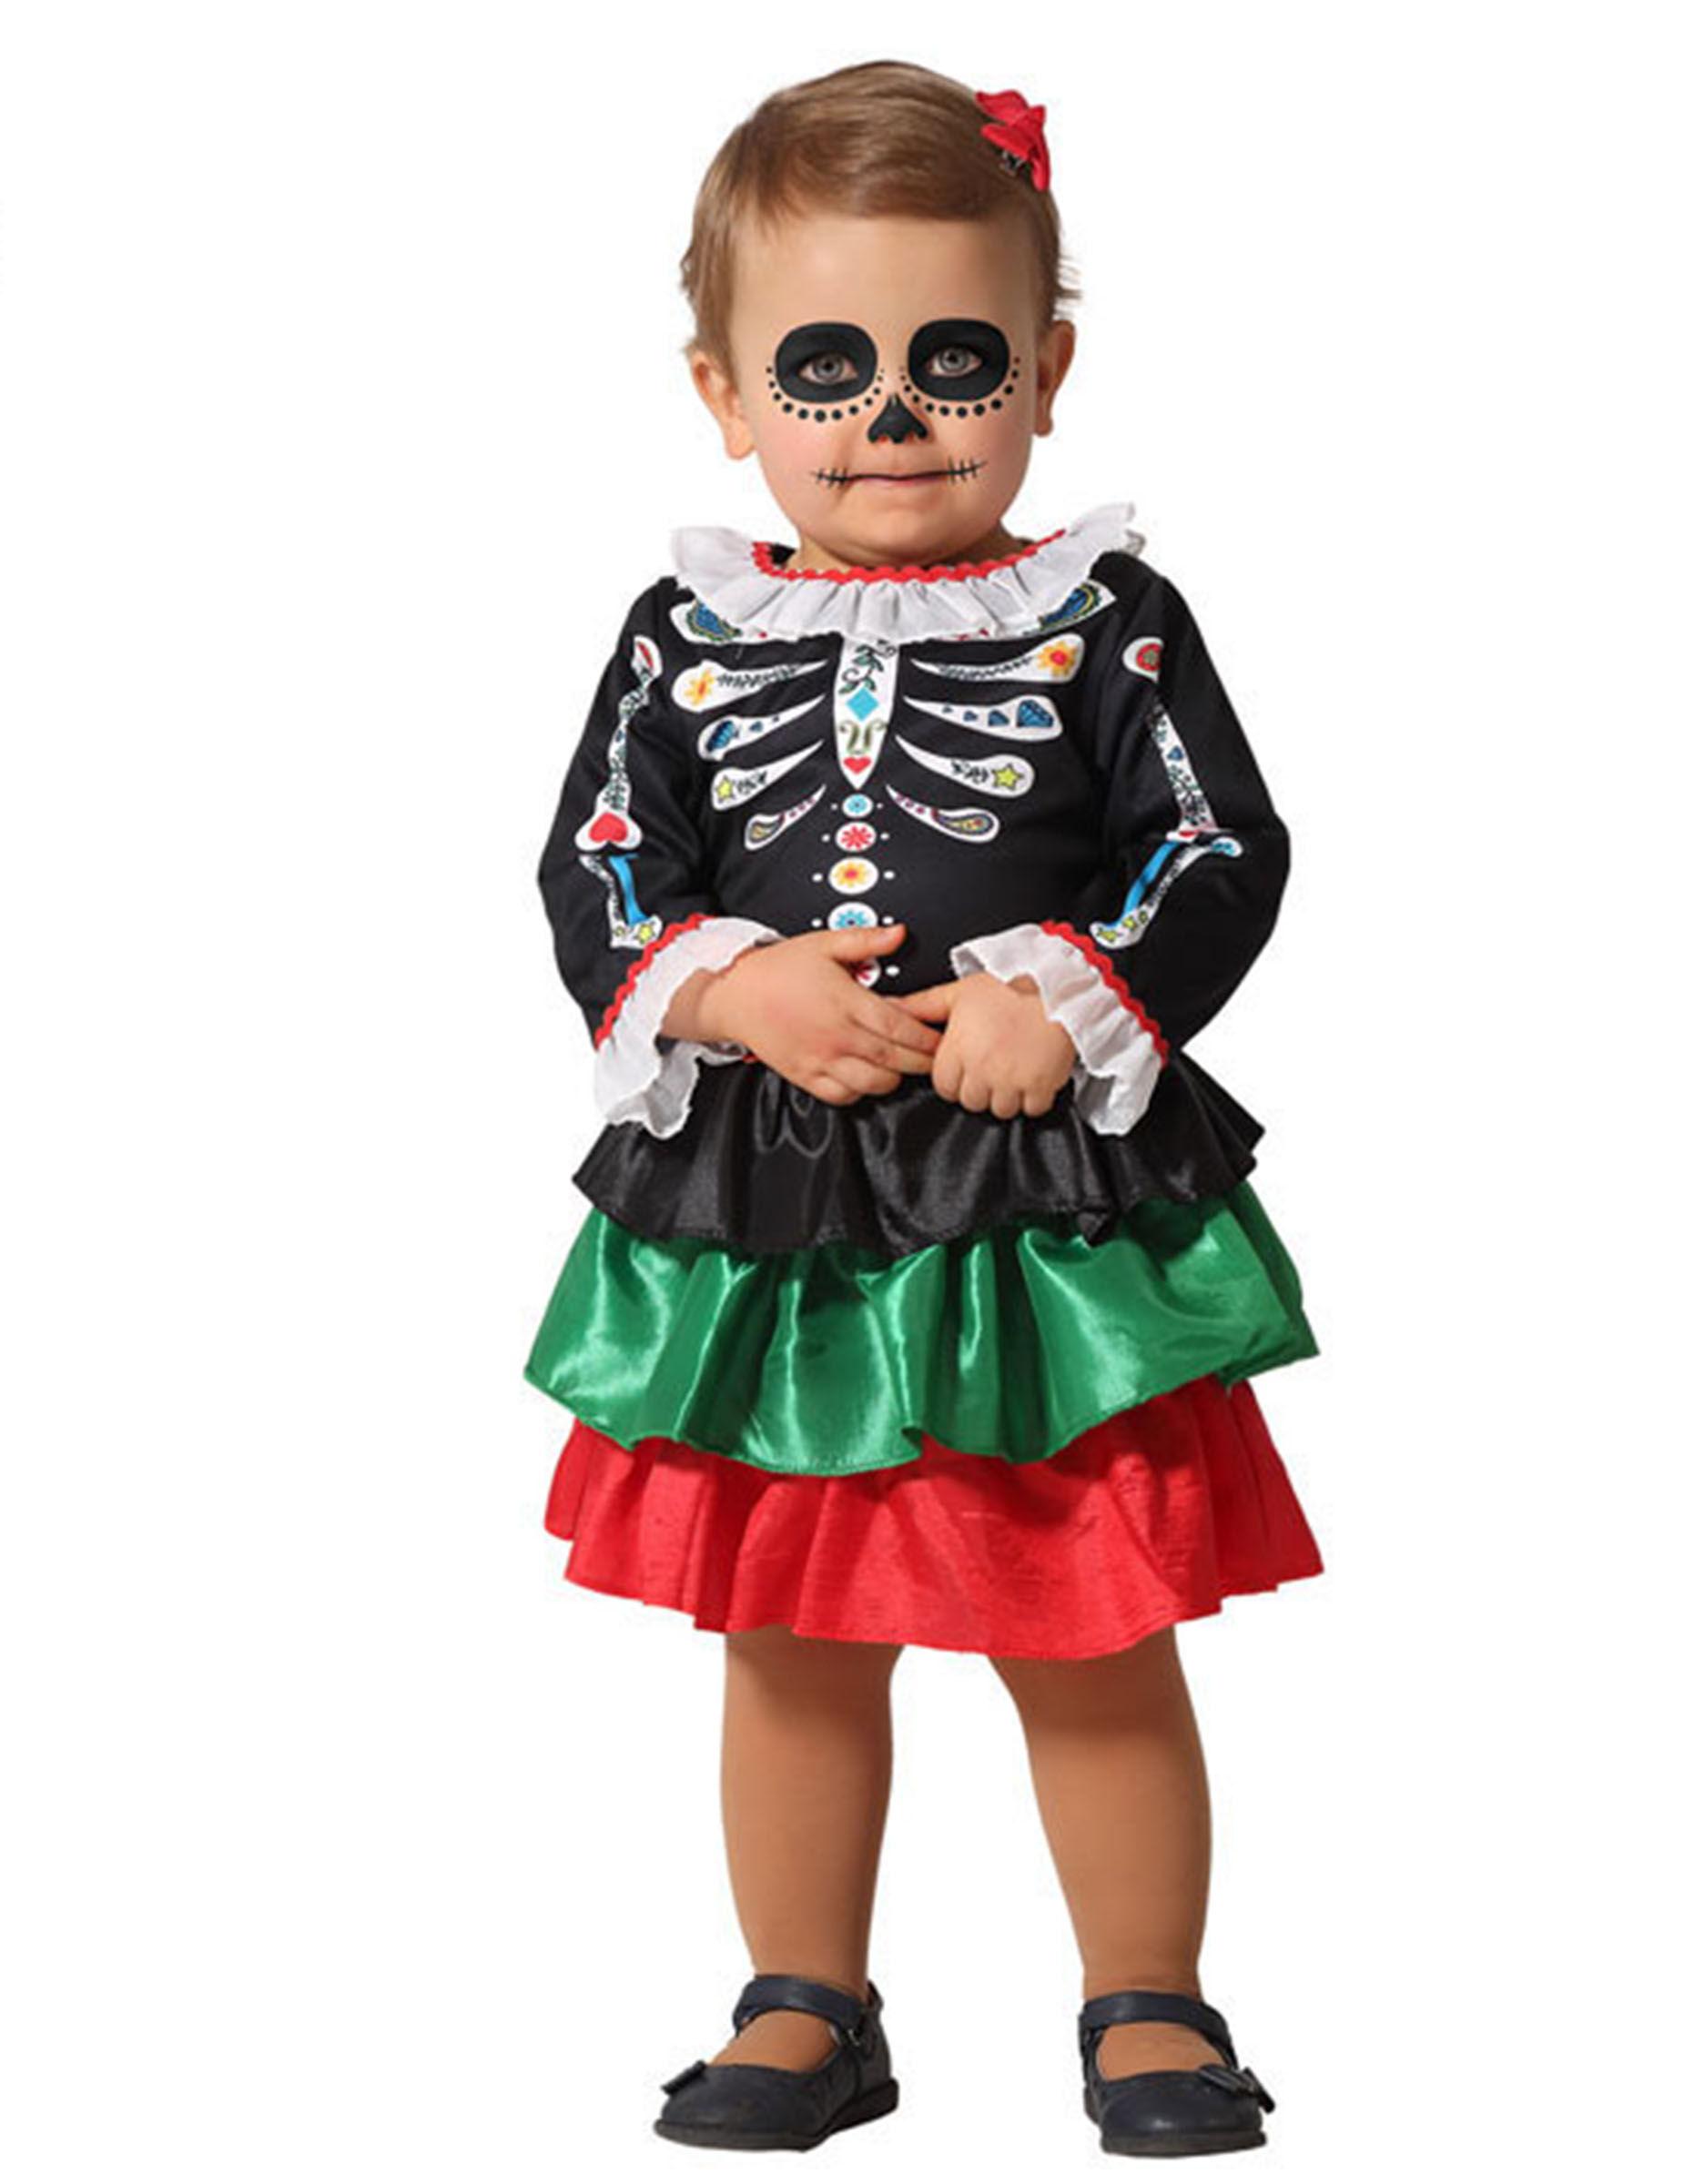 Deguisetoi Déguisement squelette Dia de los muertos bébé fille - Taille: 6-12 mois (75 cm)